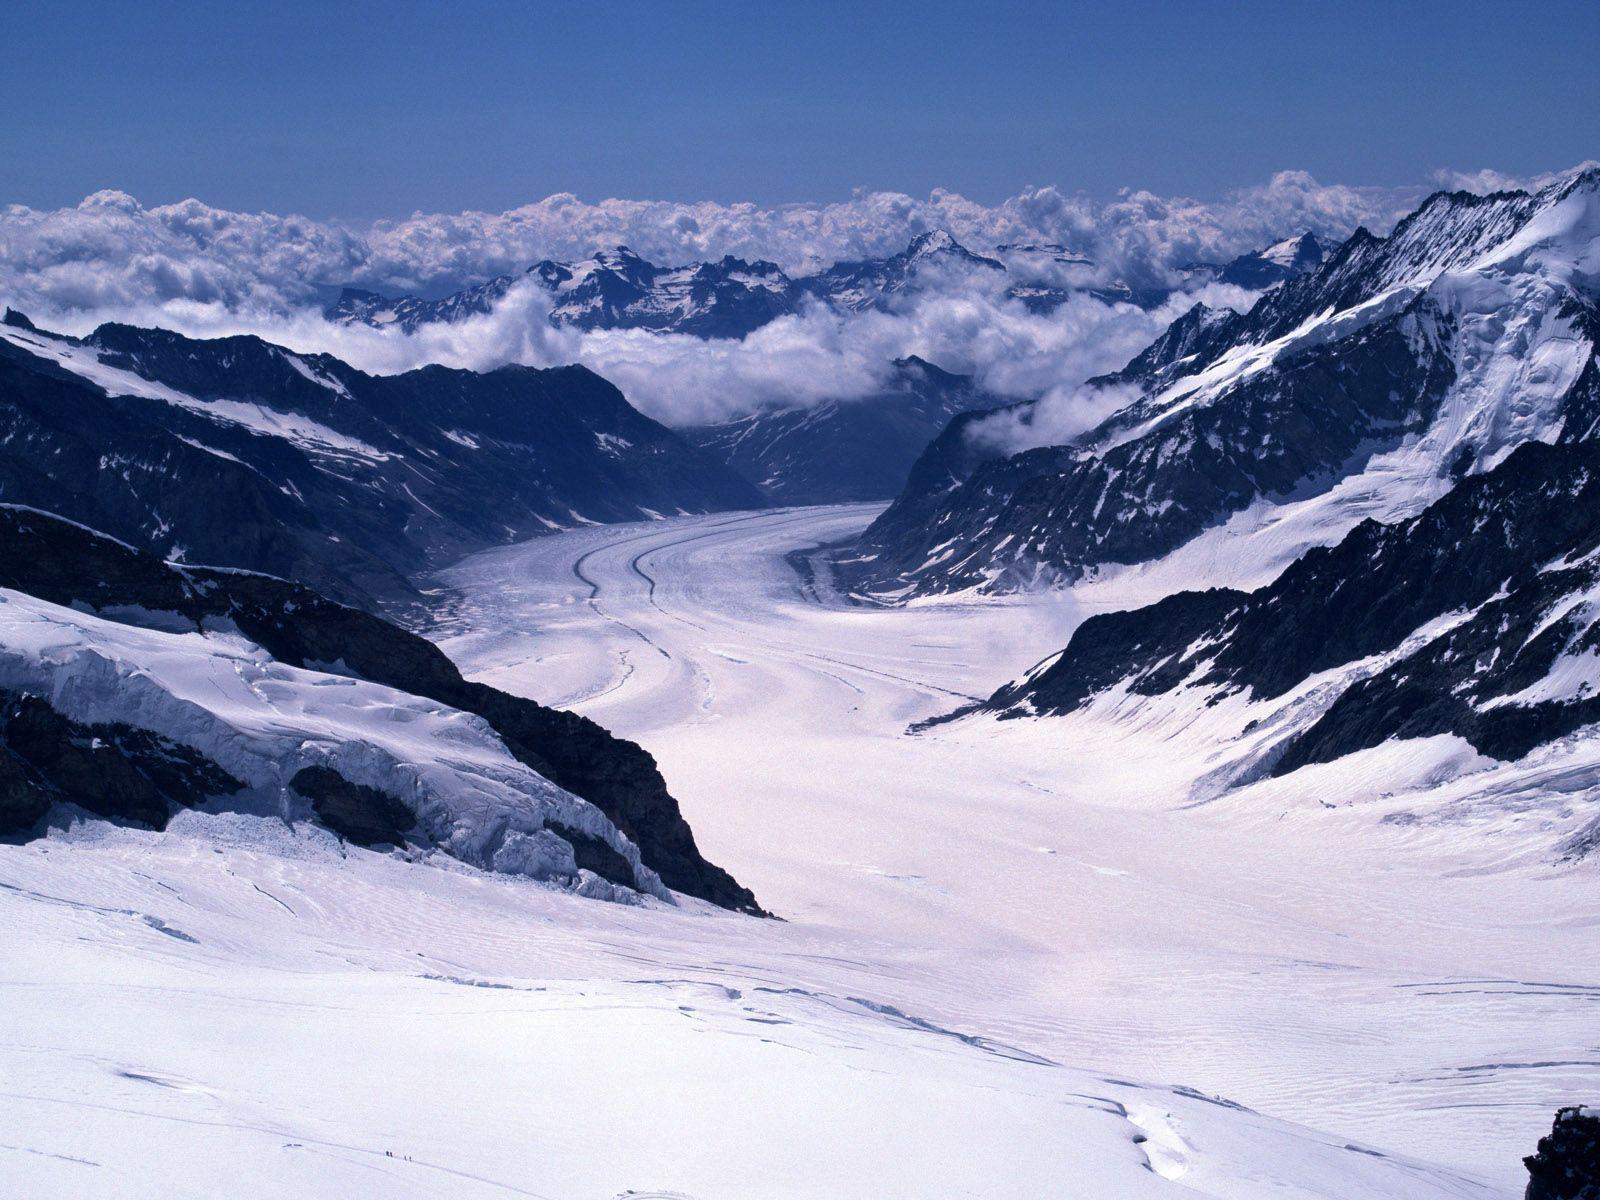 111892 скачать обои Природа, Высота, Река, Снег, Зима, Холод, Плен, Горы - заставки и картинки бесплатно